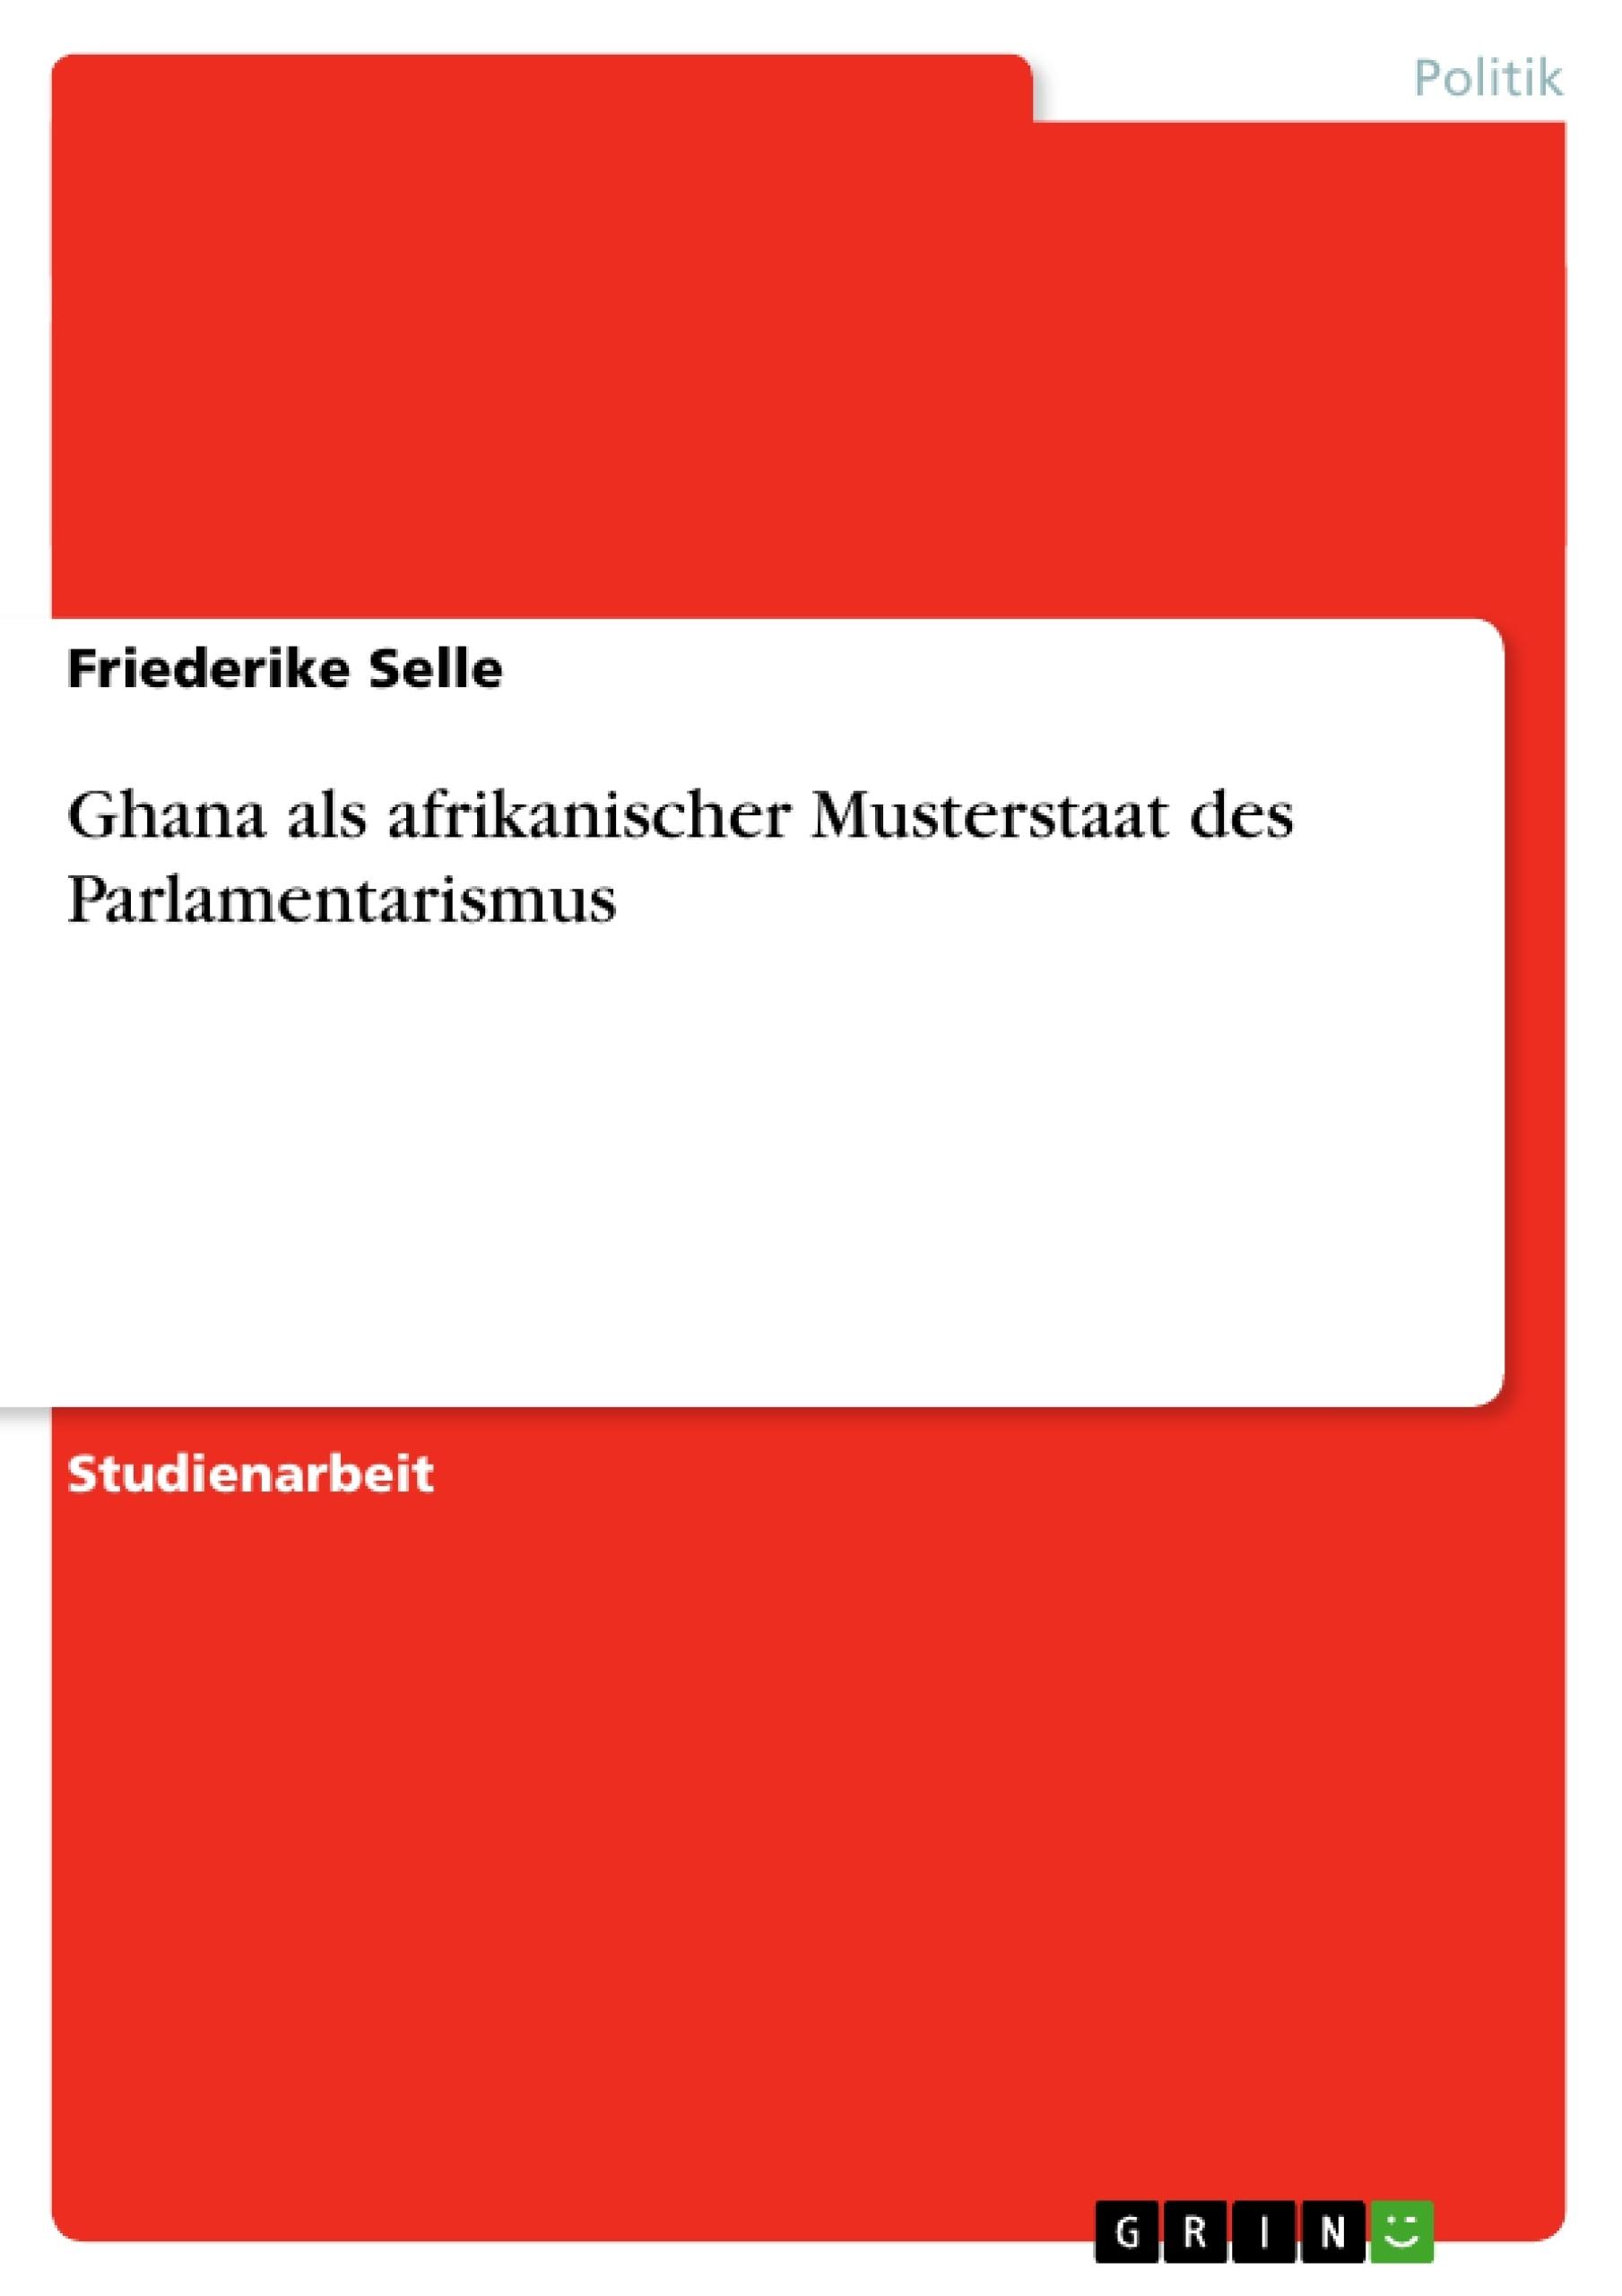 Titel: Ghana als afrikanischer Musterstaat des Parlamentarismus